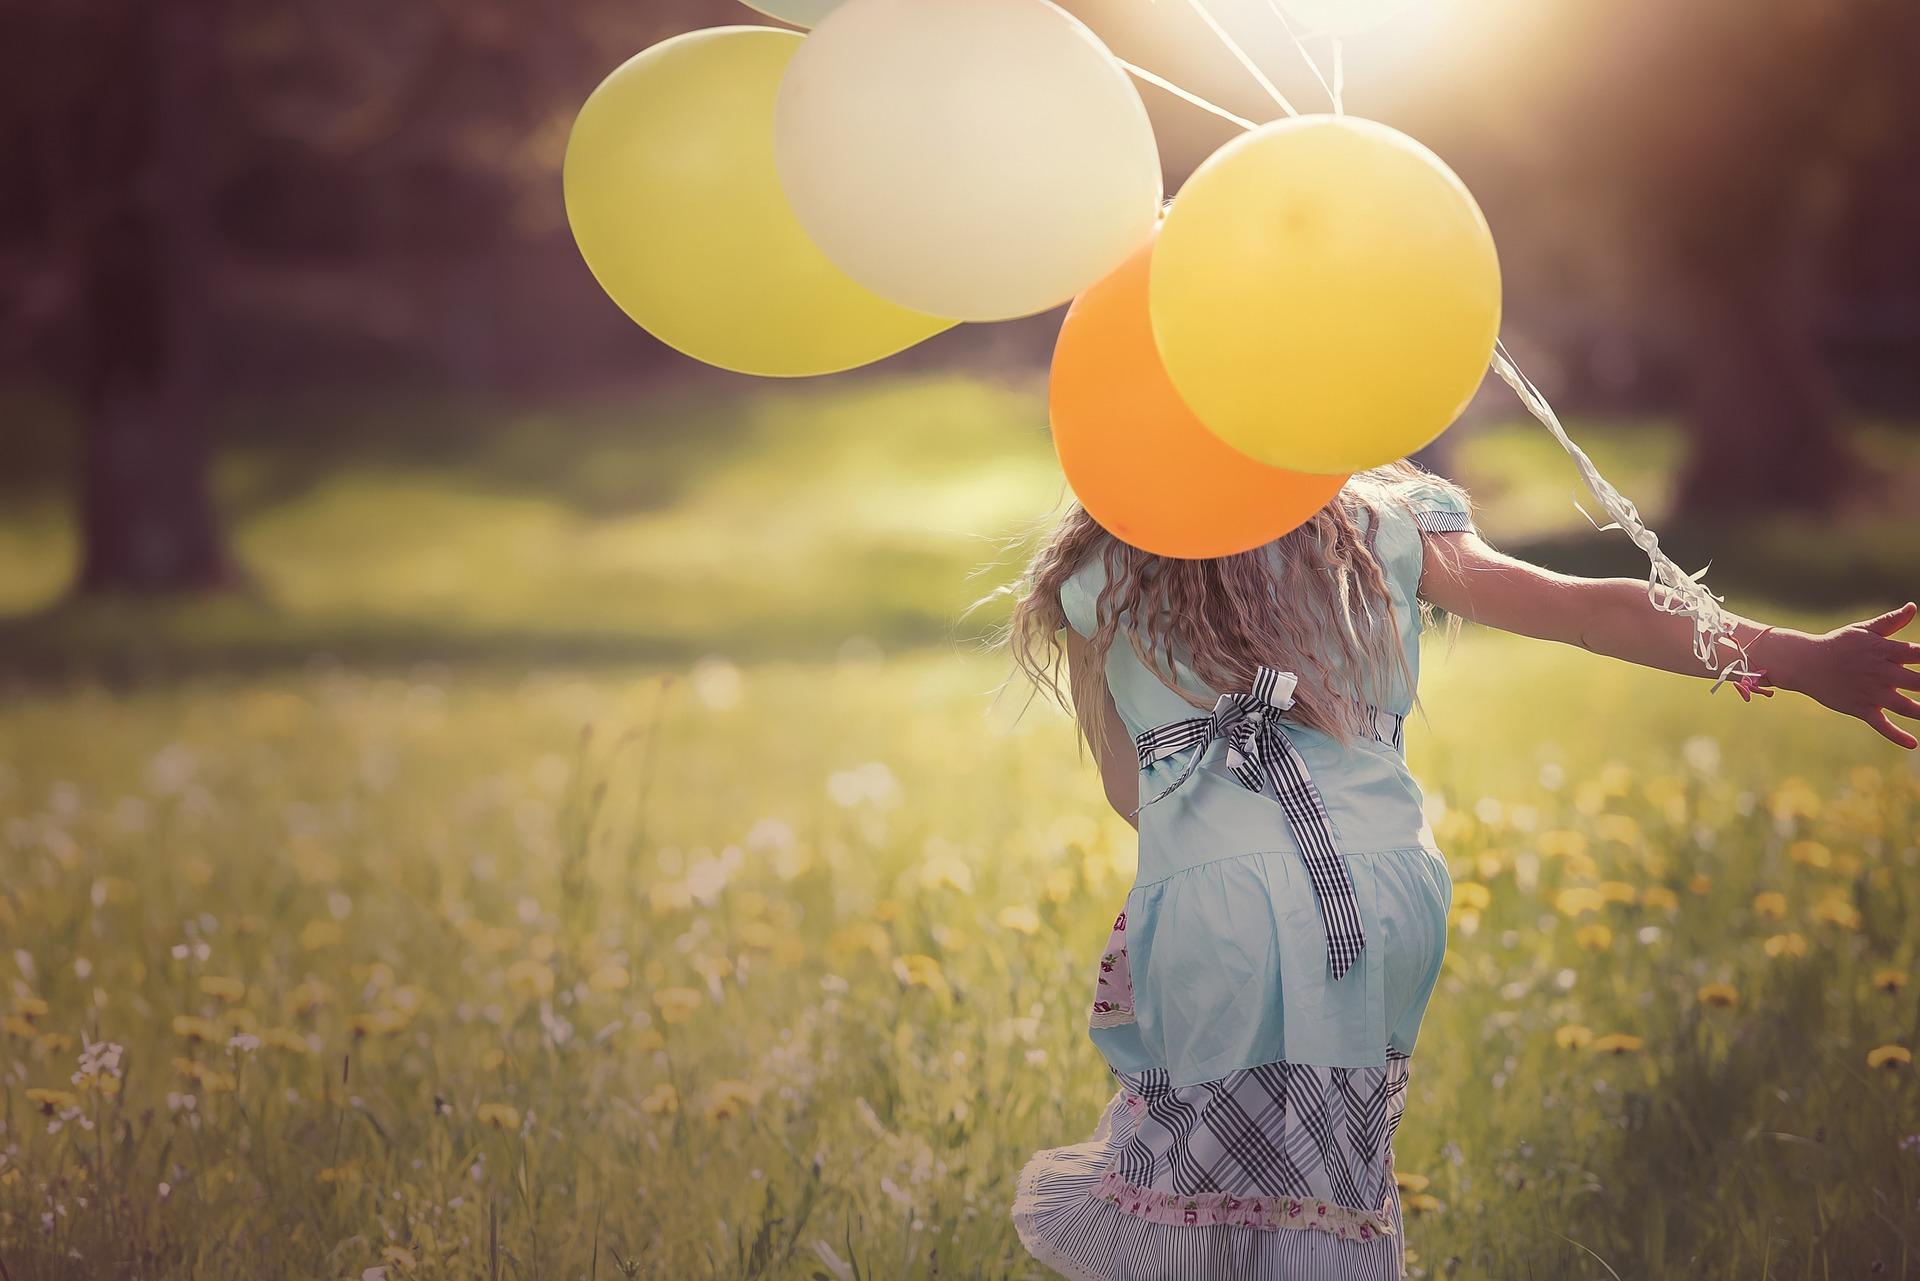 少女が風船を持っている画像